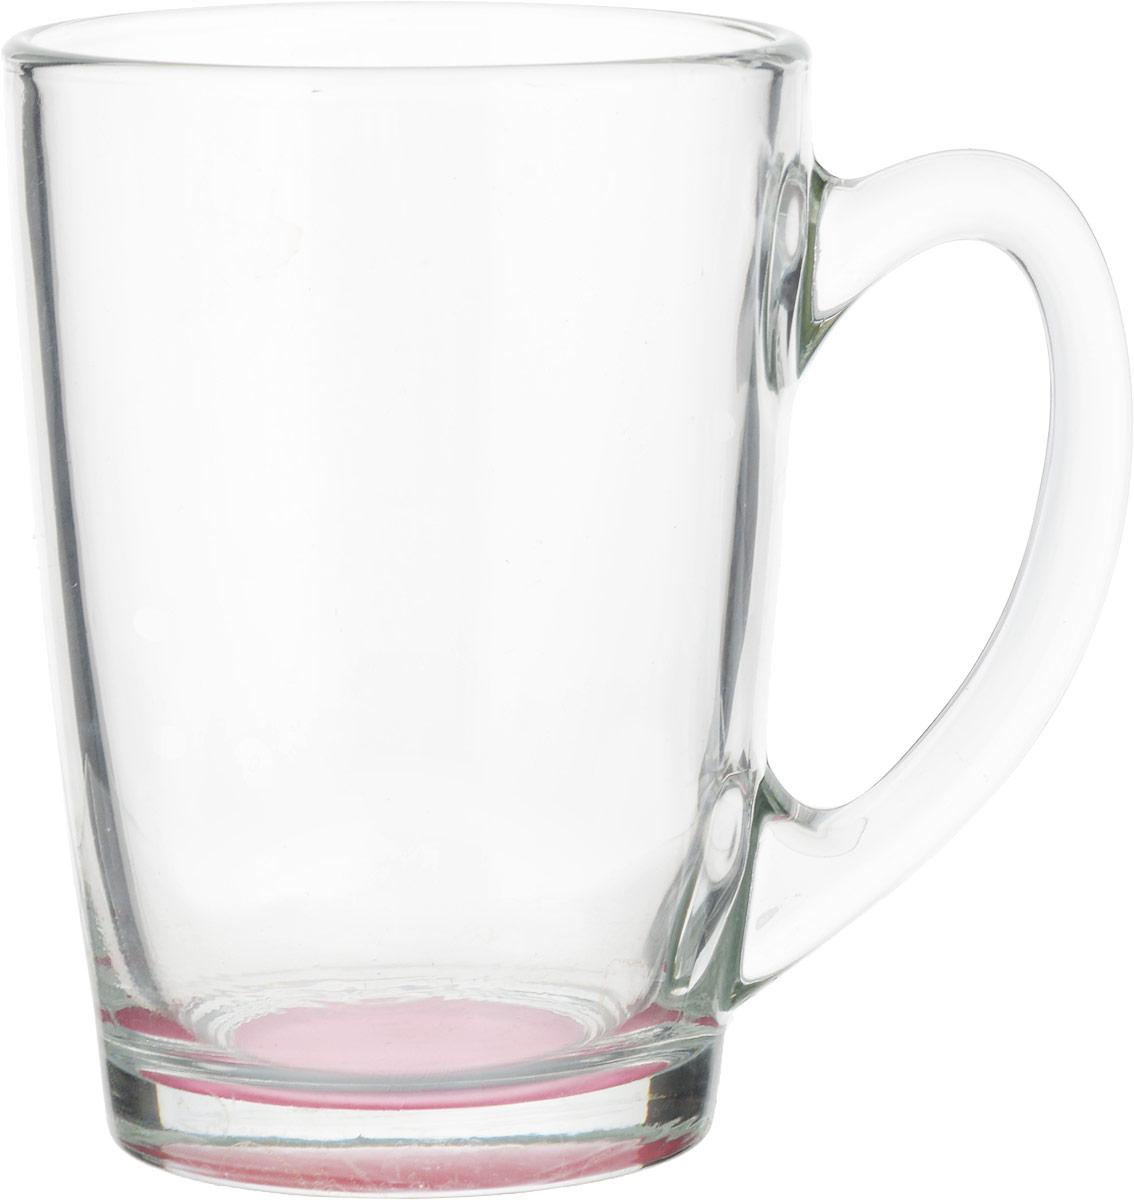 Кружка Luminarc Morning Rainbow, цвет: прозрачный, малиновый, 320 млJ5974_малиновыйКружка Luminarc Morning Rainbow изготовлена из упрочненного стекла. Такая кружка прекрасно подойдет для горячих и холодных напитков. Она дополнит коллекцию вашей кухонной посуды и будет служить долгие годы. Диаметр кружки (по верхнему краю): 8 см. Высота стенки кружки: 11 см.Бренд Luminarc – это один из лидеров мирового рынка по производству посуды и товаров для дома. В основе процесса изготовления лежит высококачественное сырье, а также строгий контроль качества.